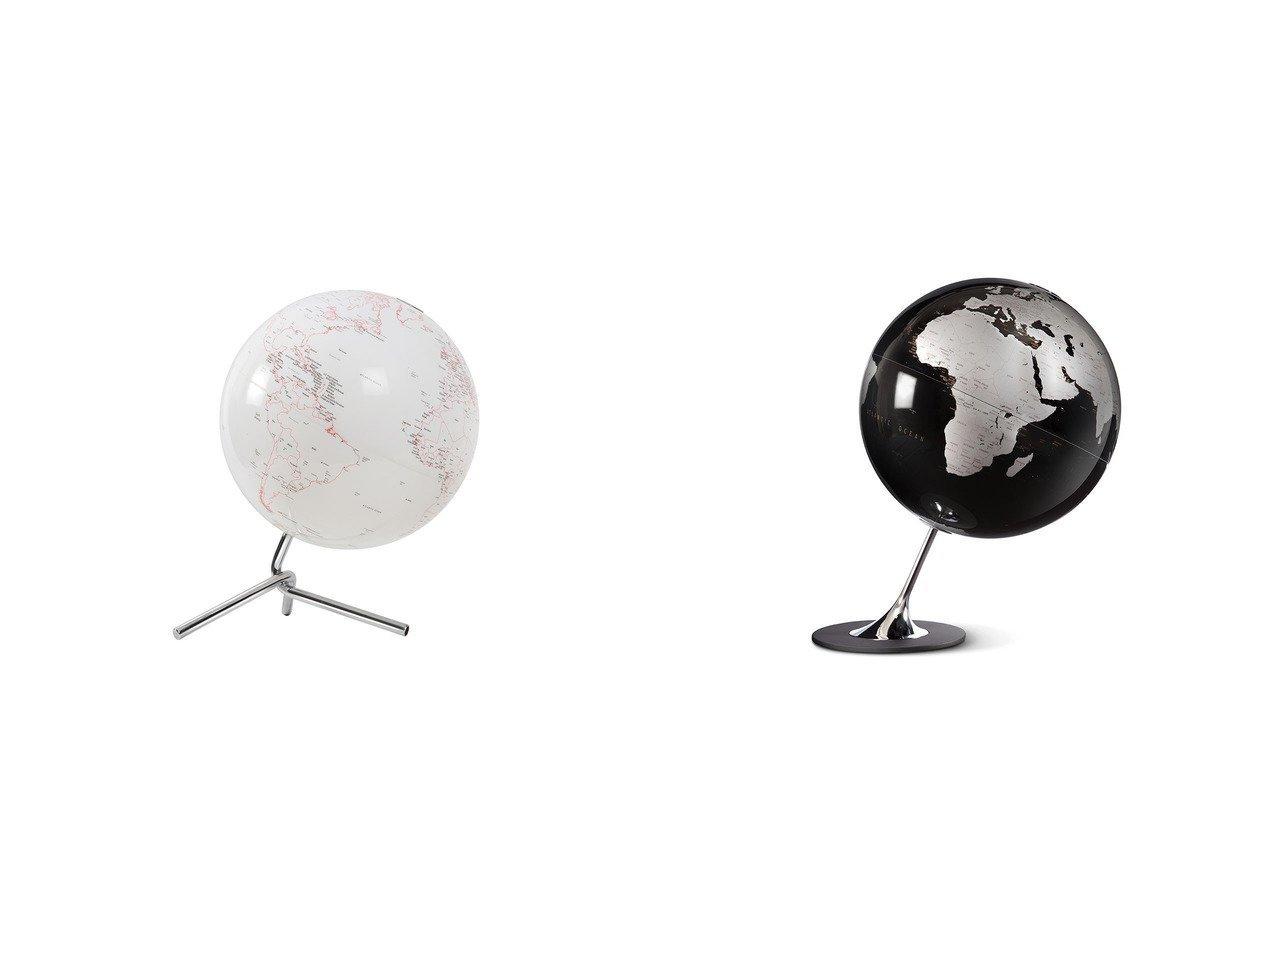 【FLYMEe accessoire/フライミーアクセソワ】のグローブ #16491&グローブ #16448 【お家時間 FURNITURE】おすすめ!人気、インテリア雑貨・家具の通販 おすすめで人気の流行・トレンド、ファッションの通販商品 インテリア・家具・メンズファッション・キッズファッション・レディースファッション・服の通販 founy(ファニー) https://founy.com/ 送料無料 Free Shipping スタイリッシュ モダン |ID:crp329100000054376